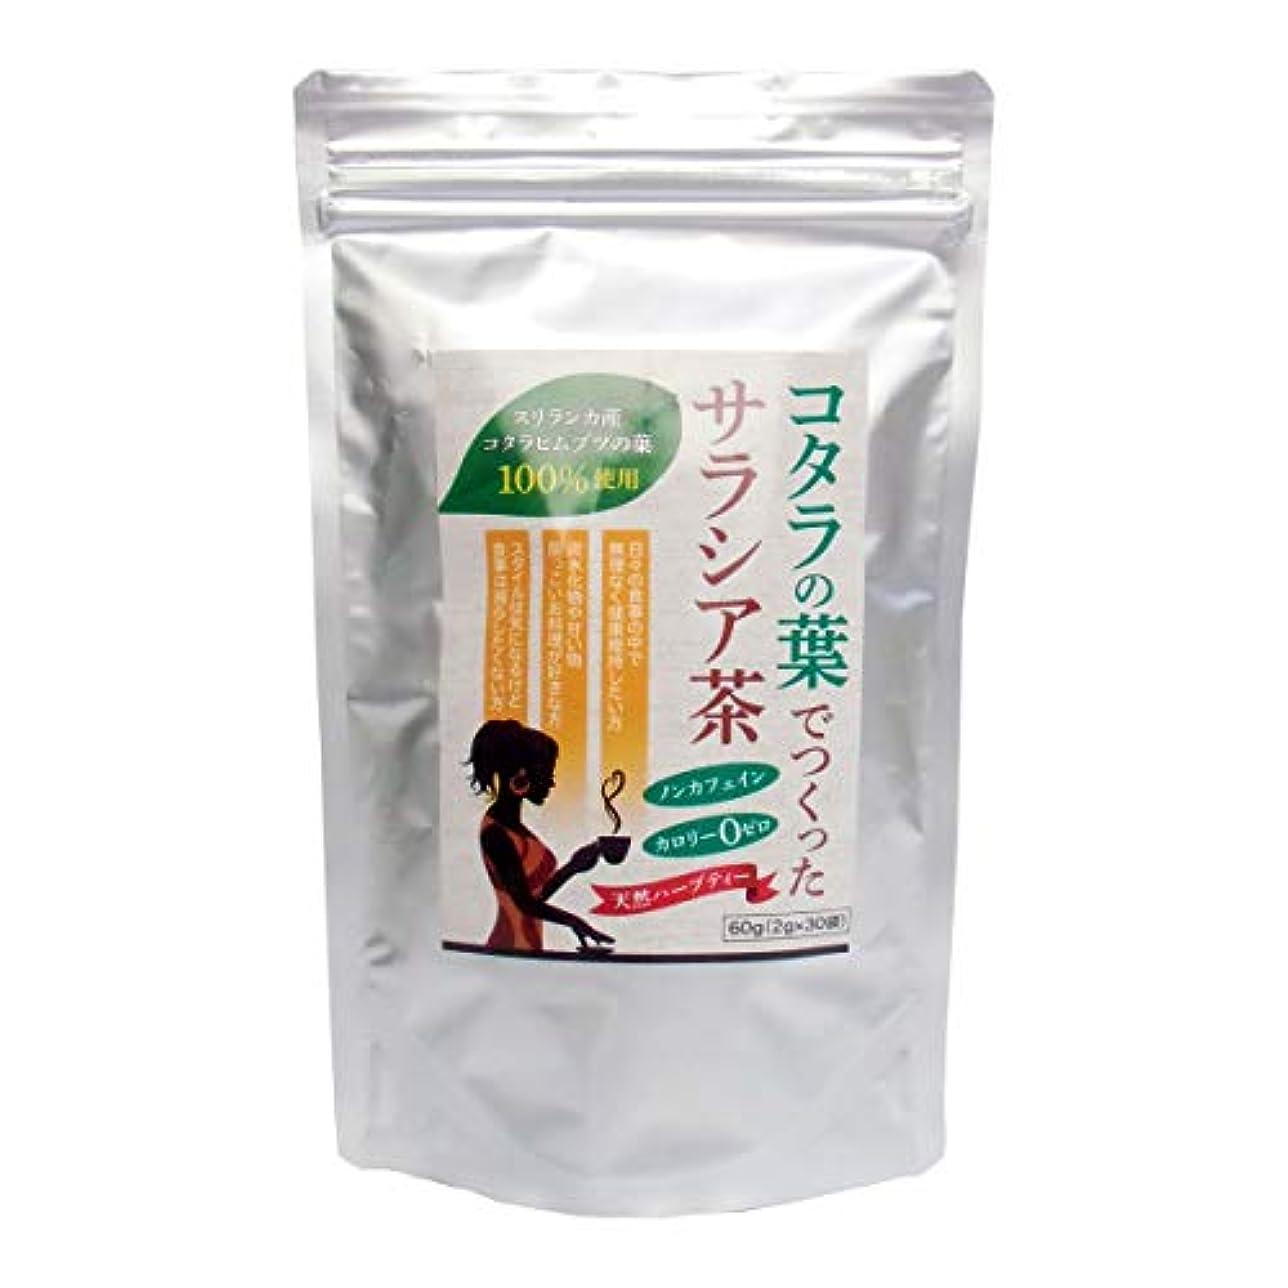 面白い概要ラップ【初回限定お試し価格】コタラの葉でつくったサラシア茶 (茶葉タイプ) 60g (2g×30袋)